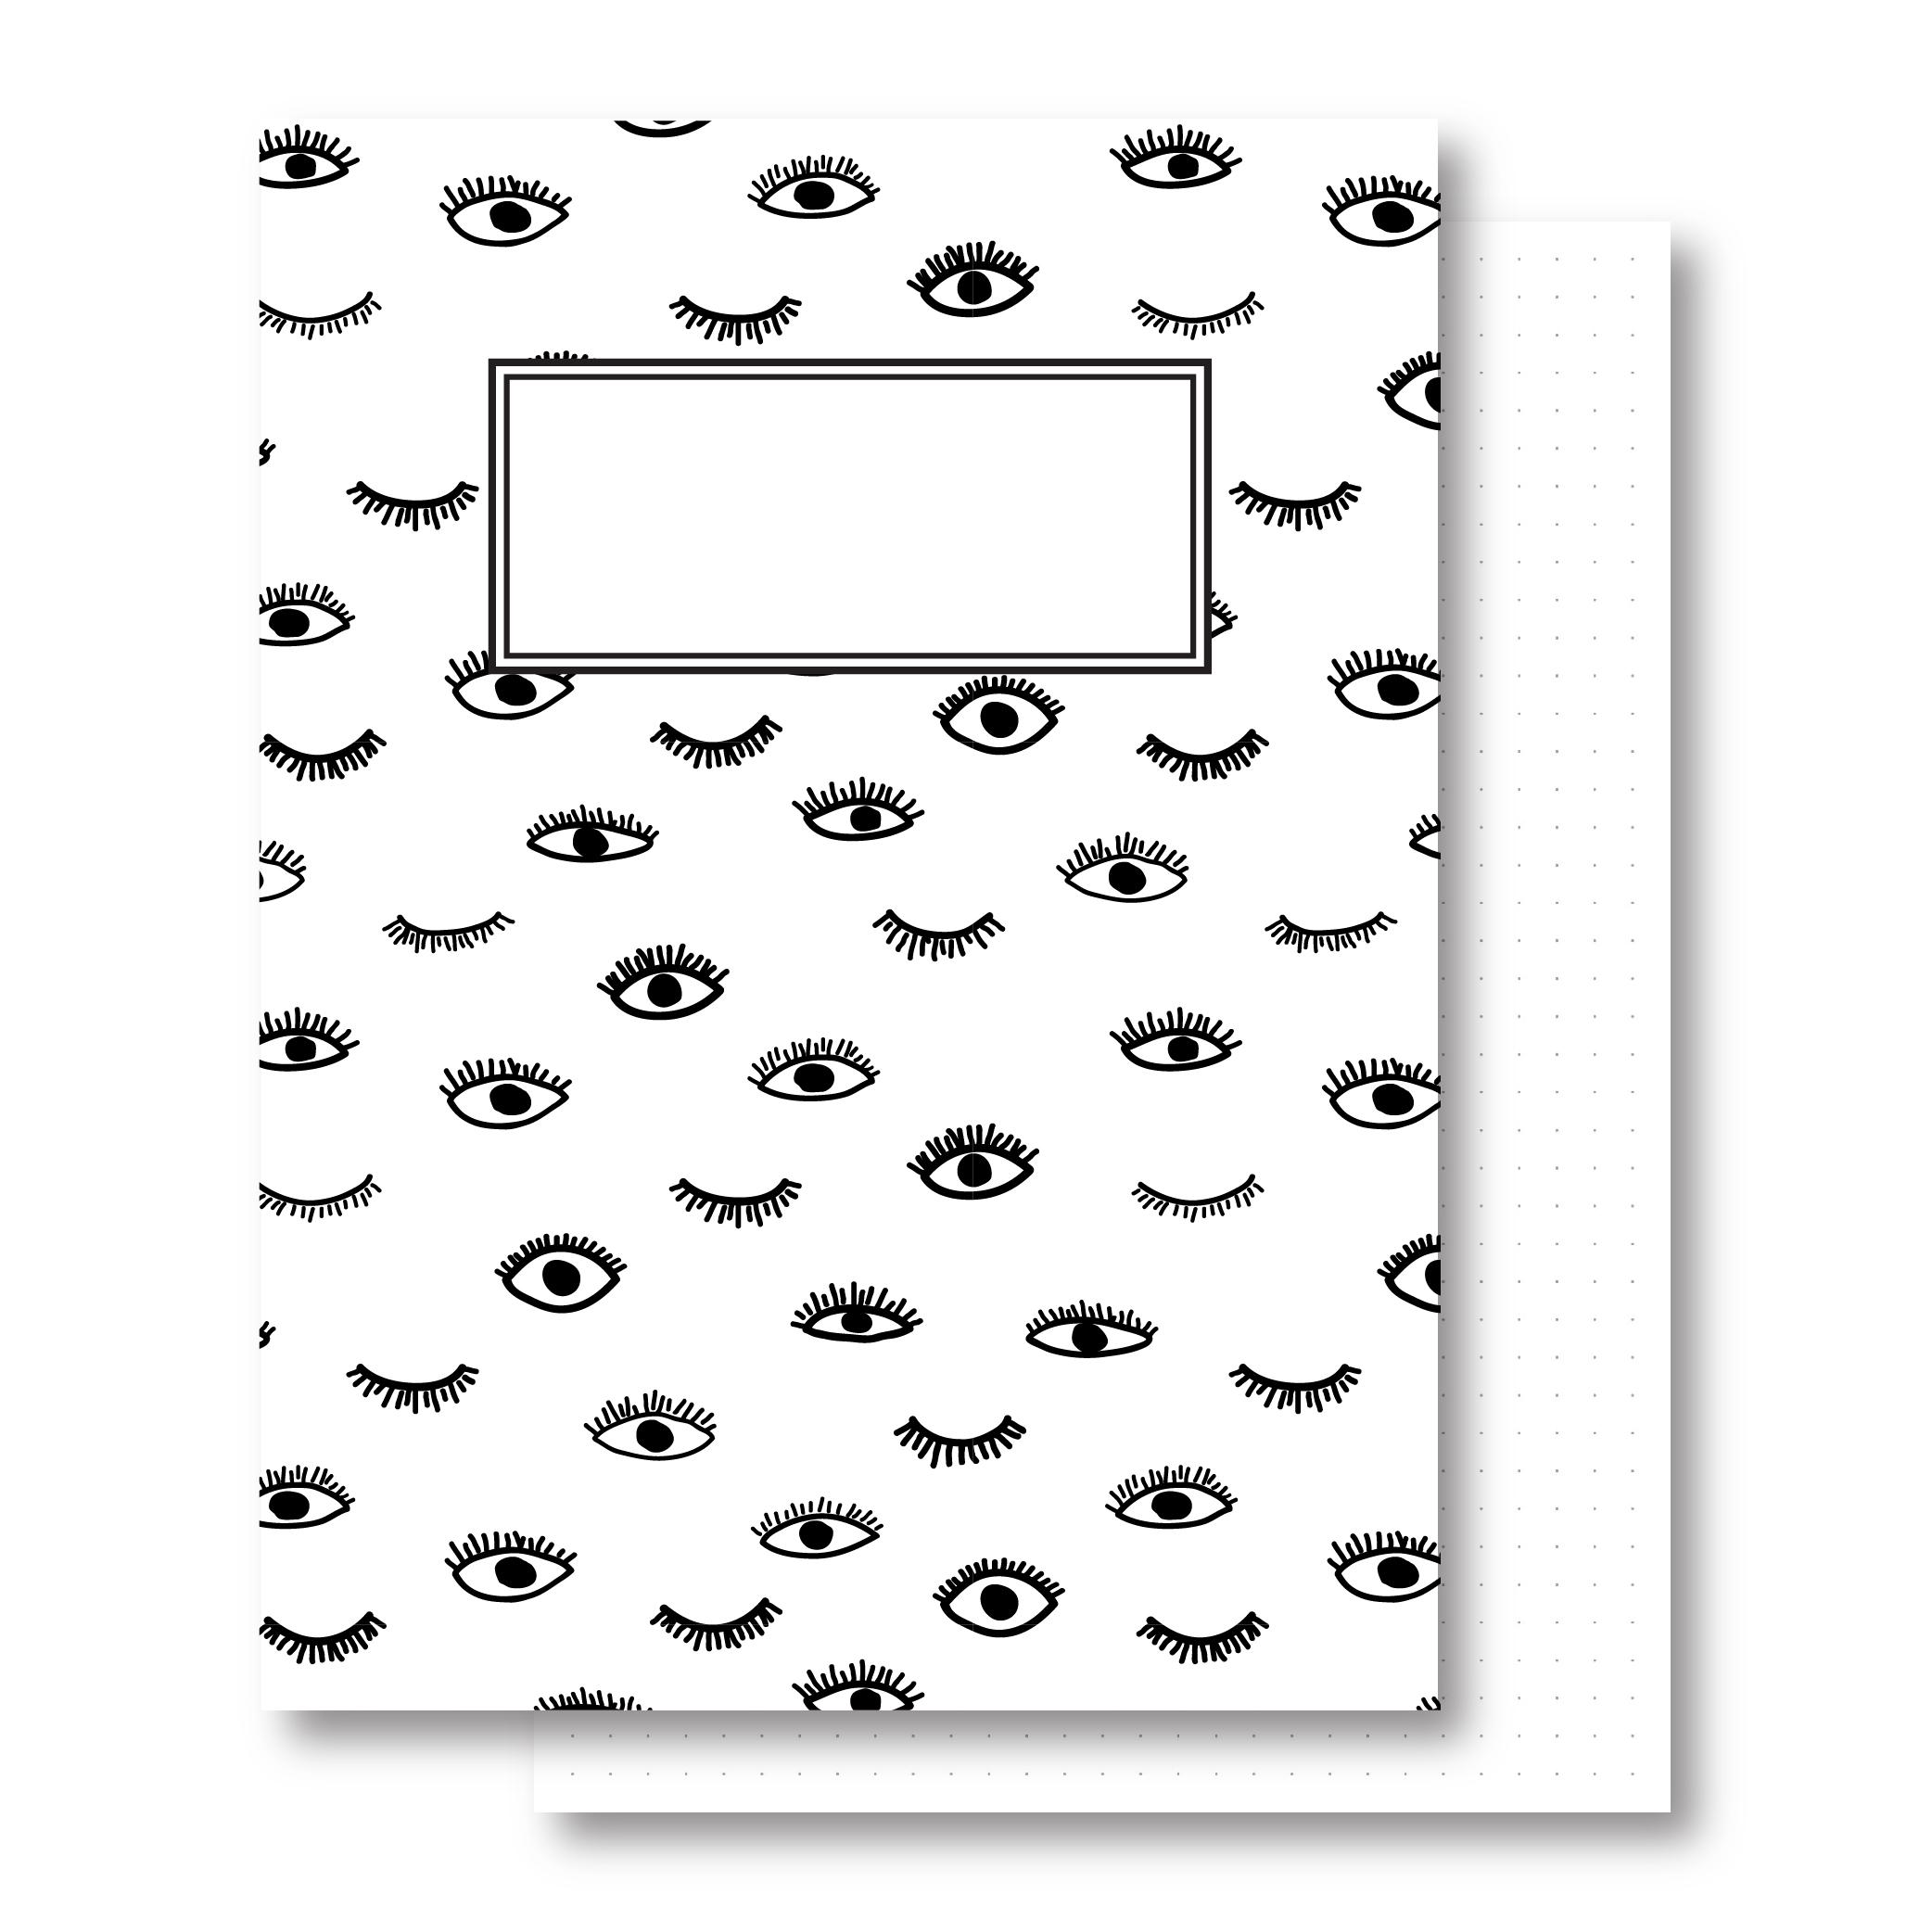 מחברת כריכה קשה - עיניים - דפים מנוקדים